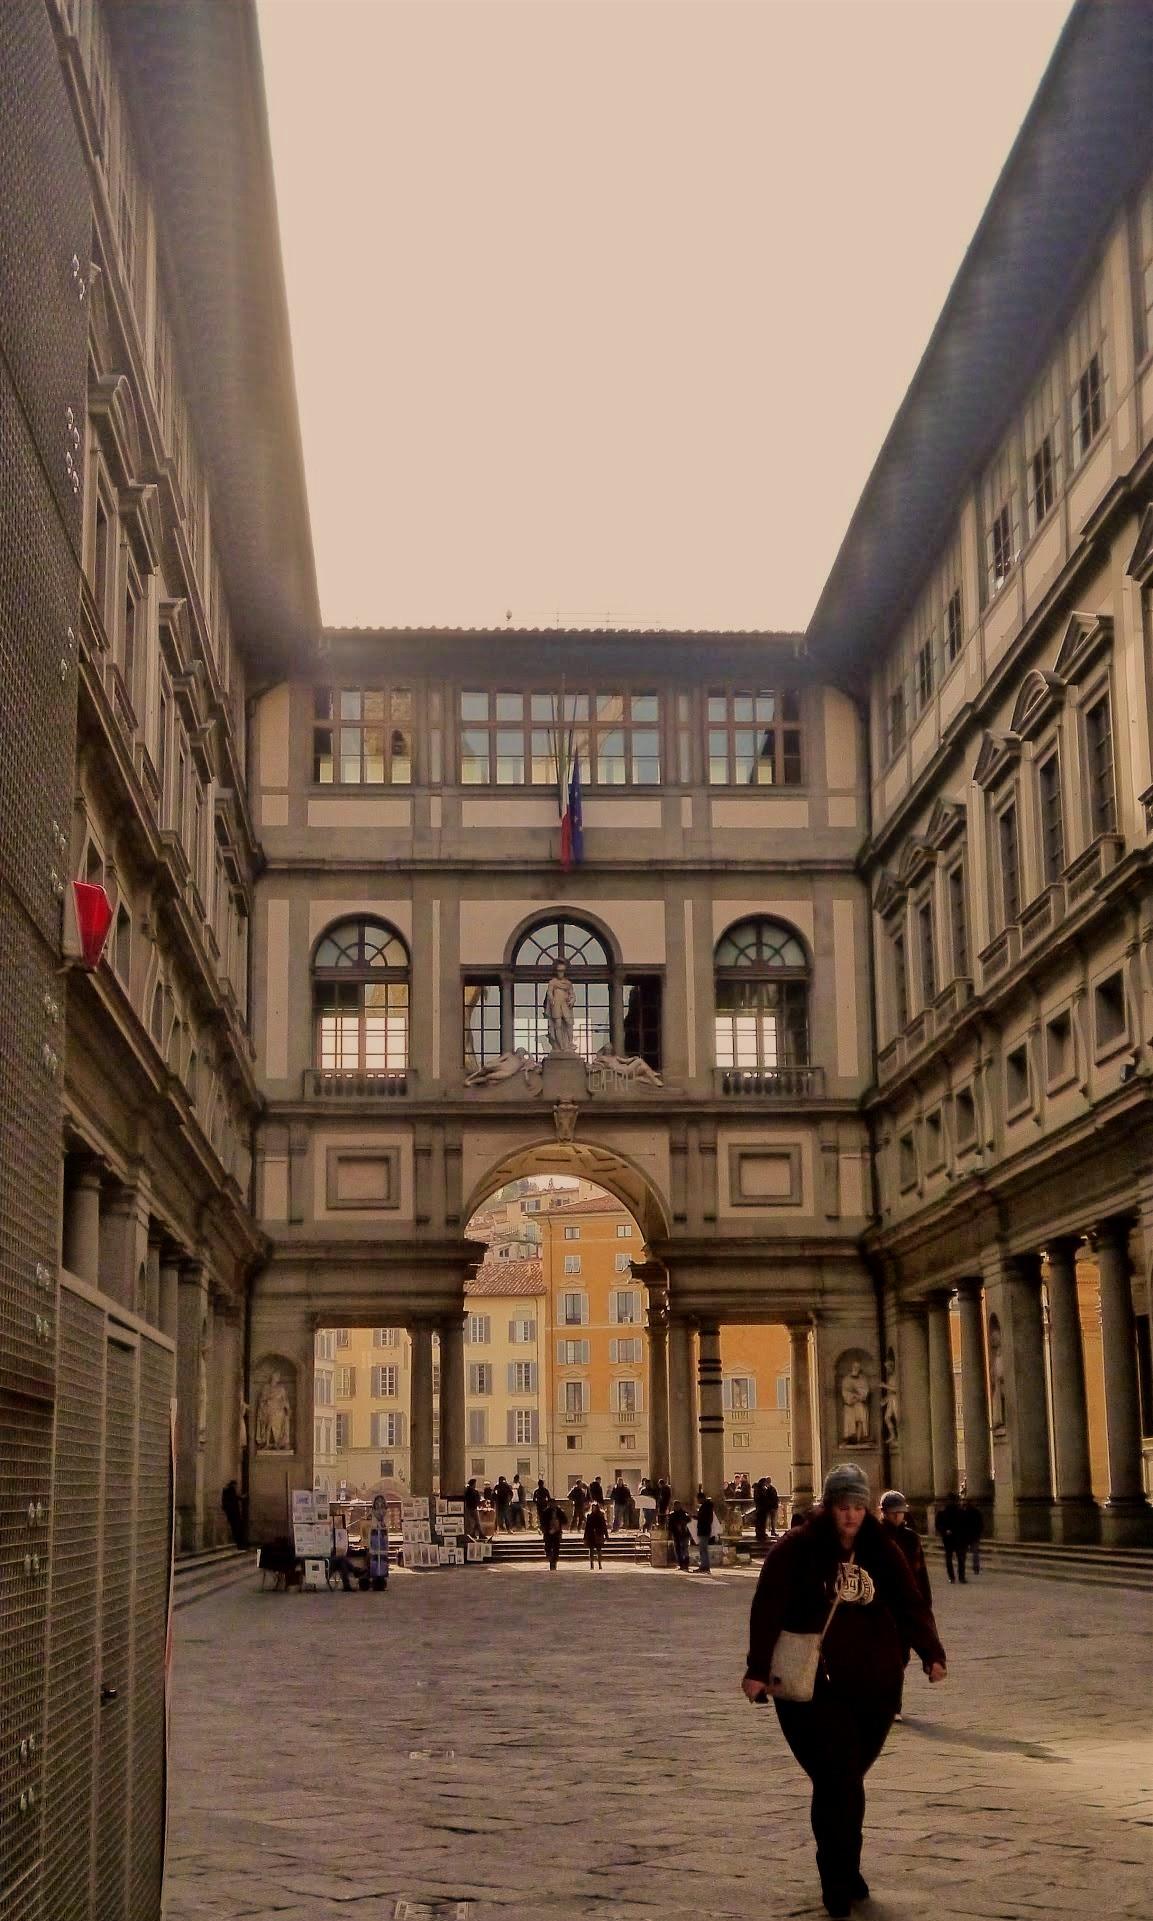 Florence and the Uffizi